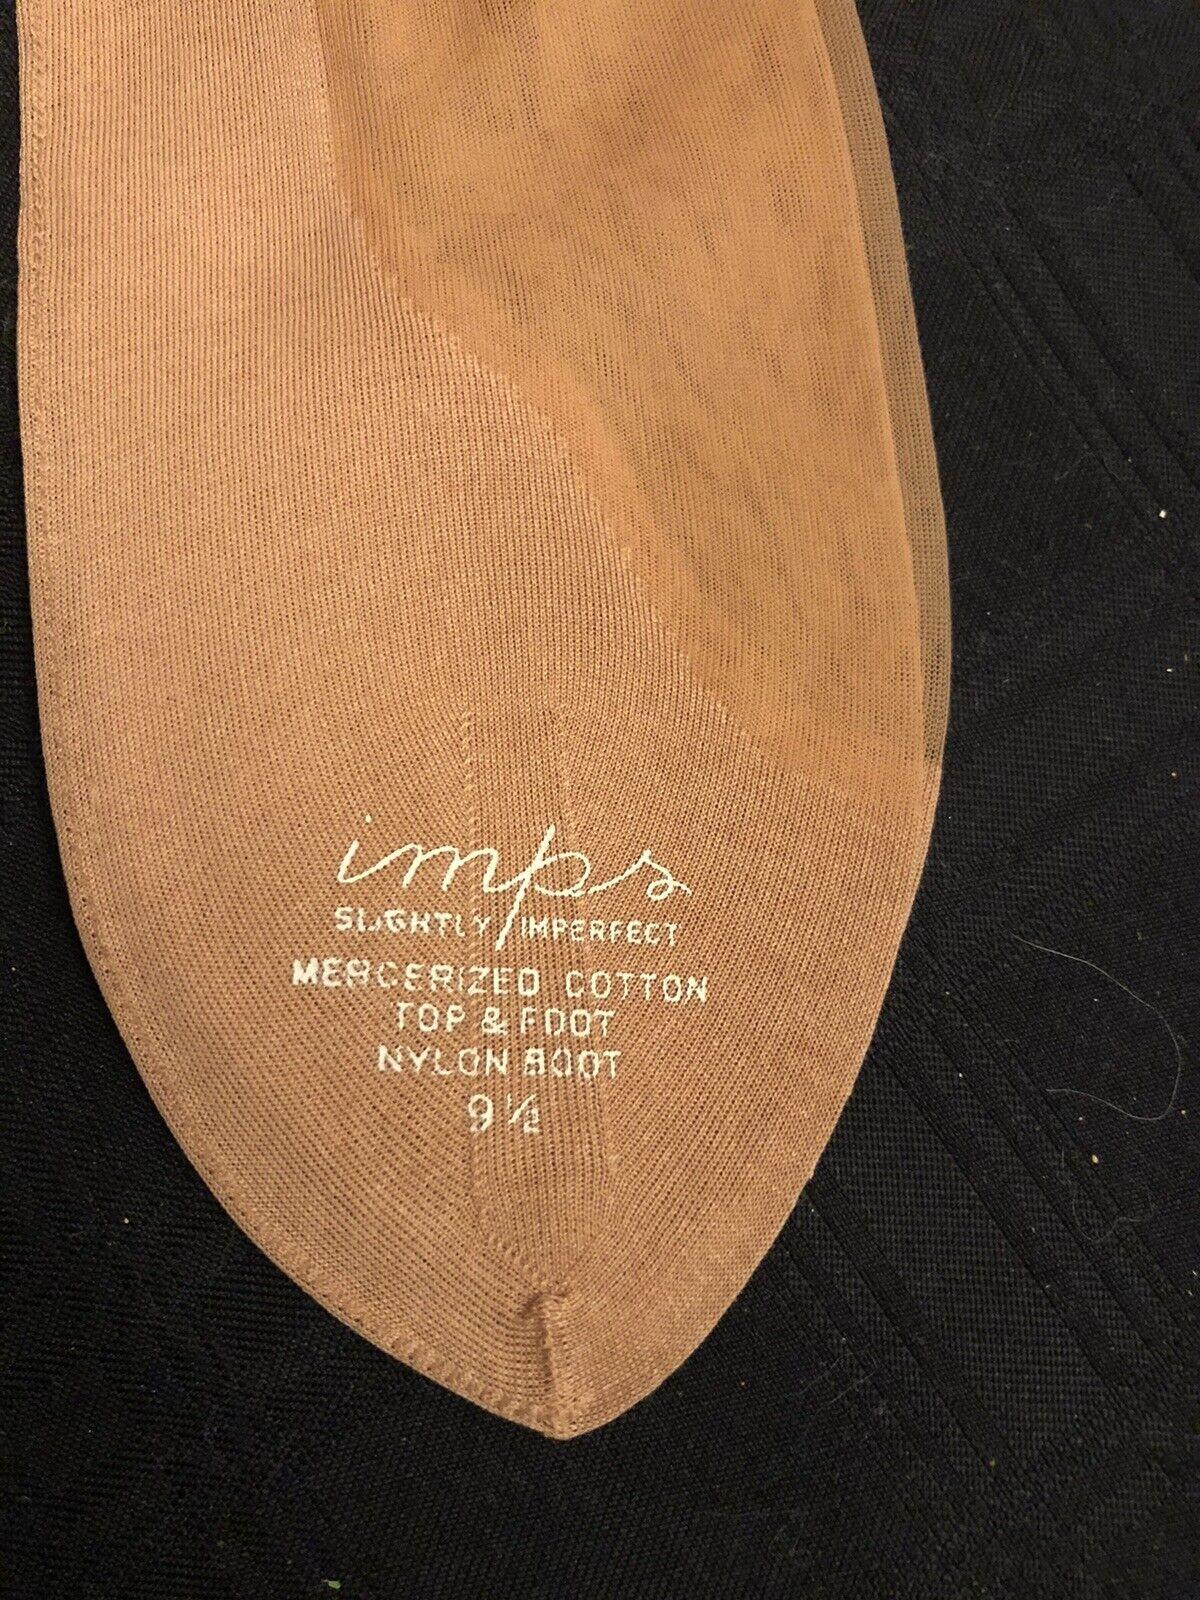 1 vintage Imps Sheer Cotton RHT Nylon stocking hosiery Size 9 1/2 Seams